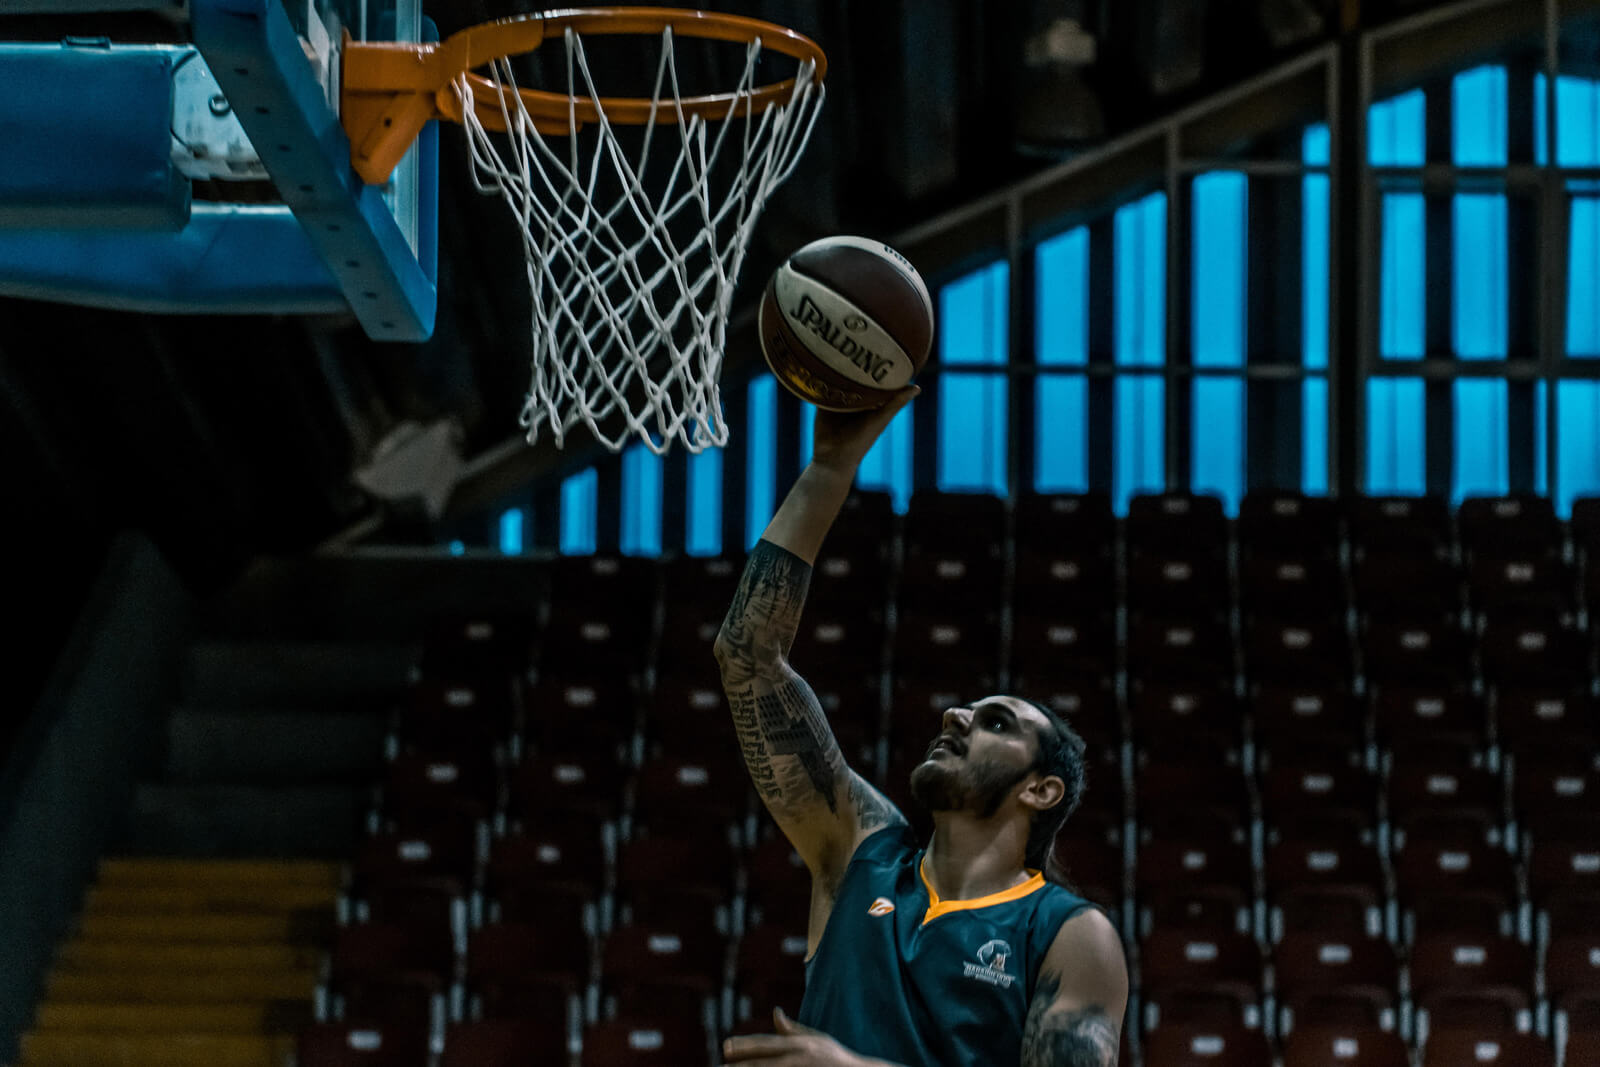 DAZNで見れるもの③:バスケットボール